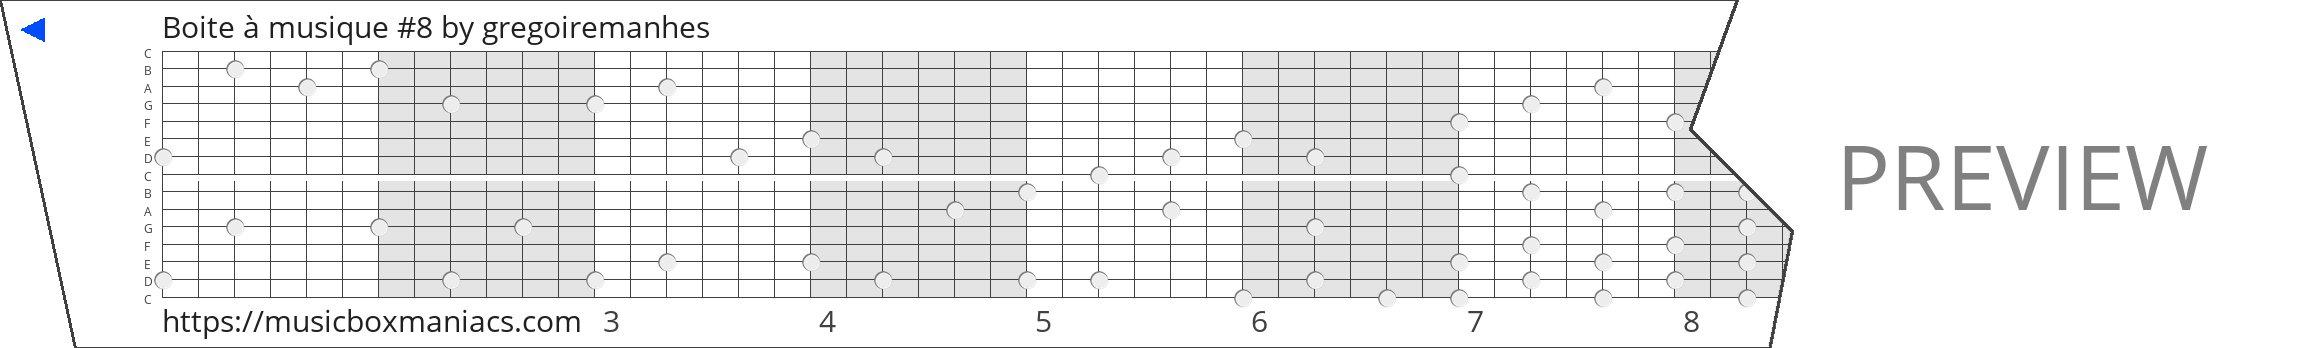 Boite à musique #8 15 note music box paper strip